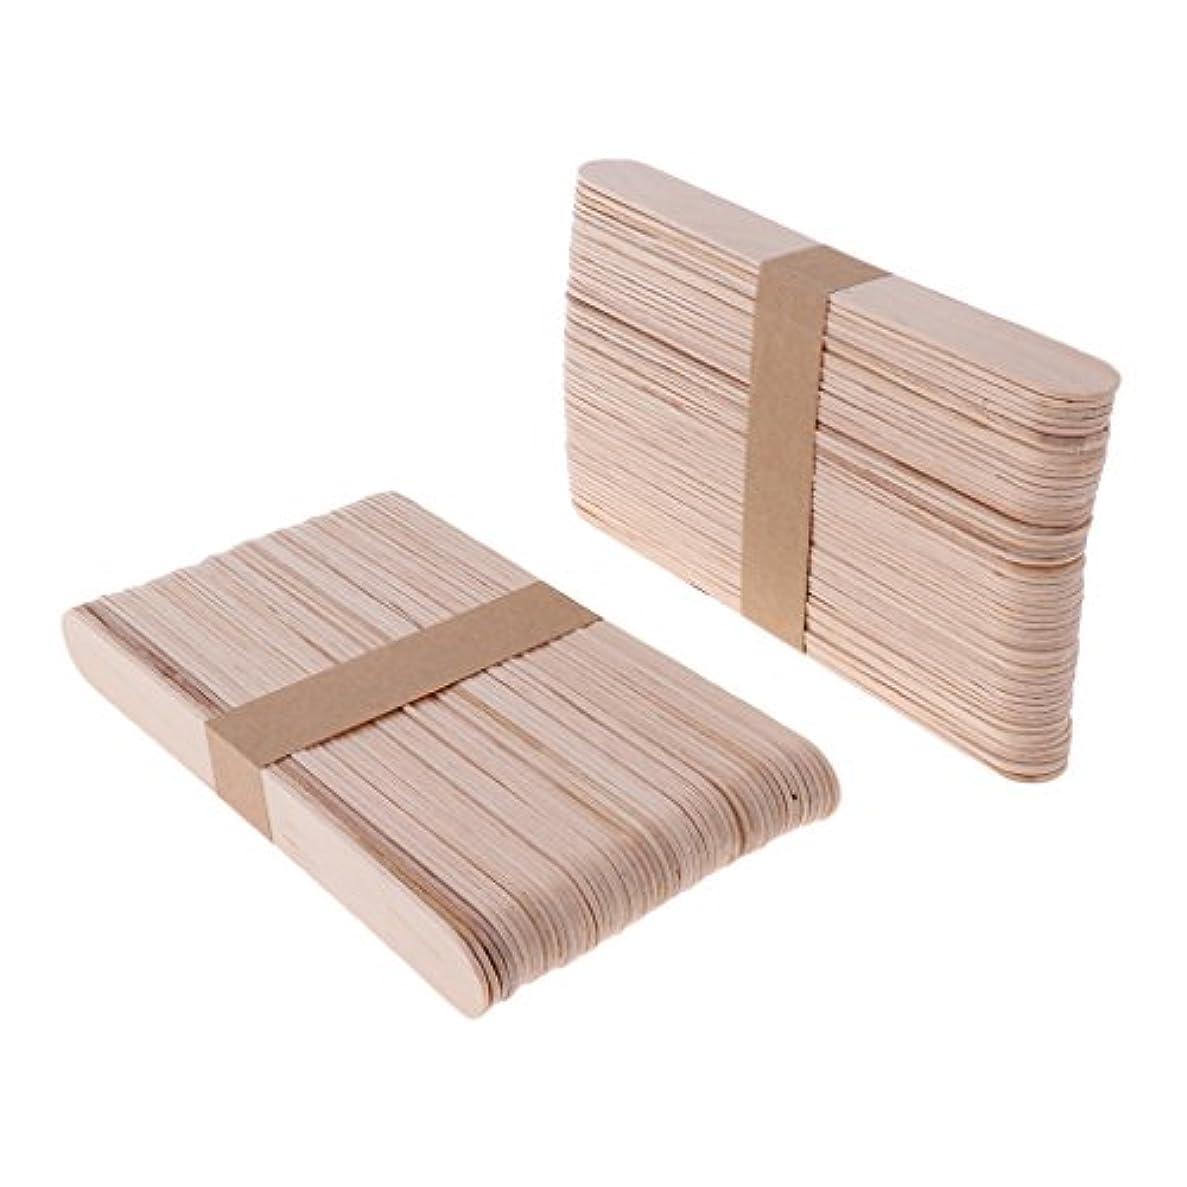 ワイプ通貨匹敵します木材スティック 脱毛 ワックス用 体毛除去 ウッド ワックススパチュラ 便利 200個 2サイズ - L